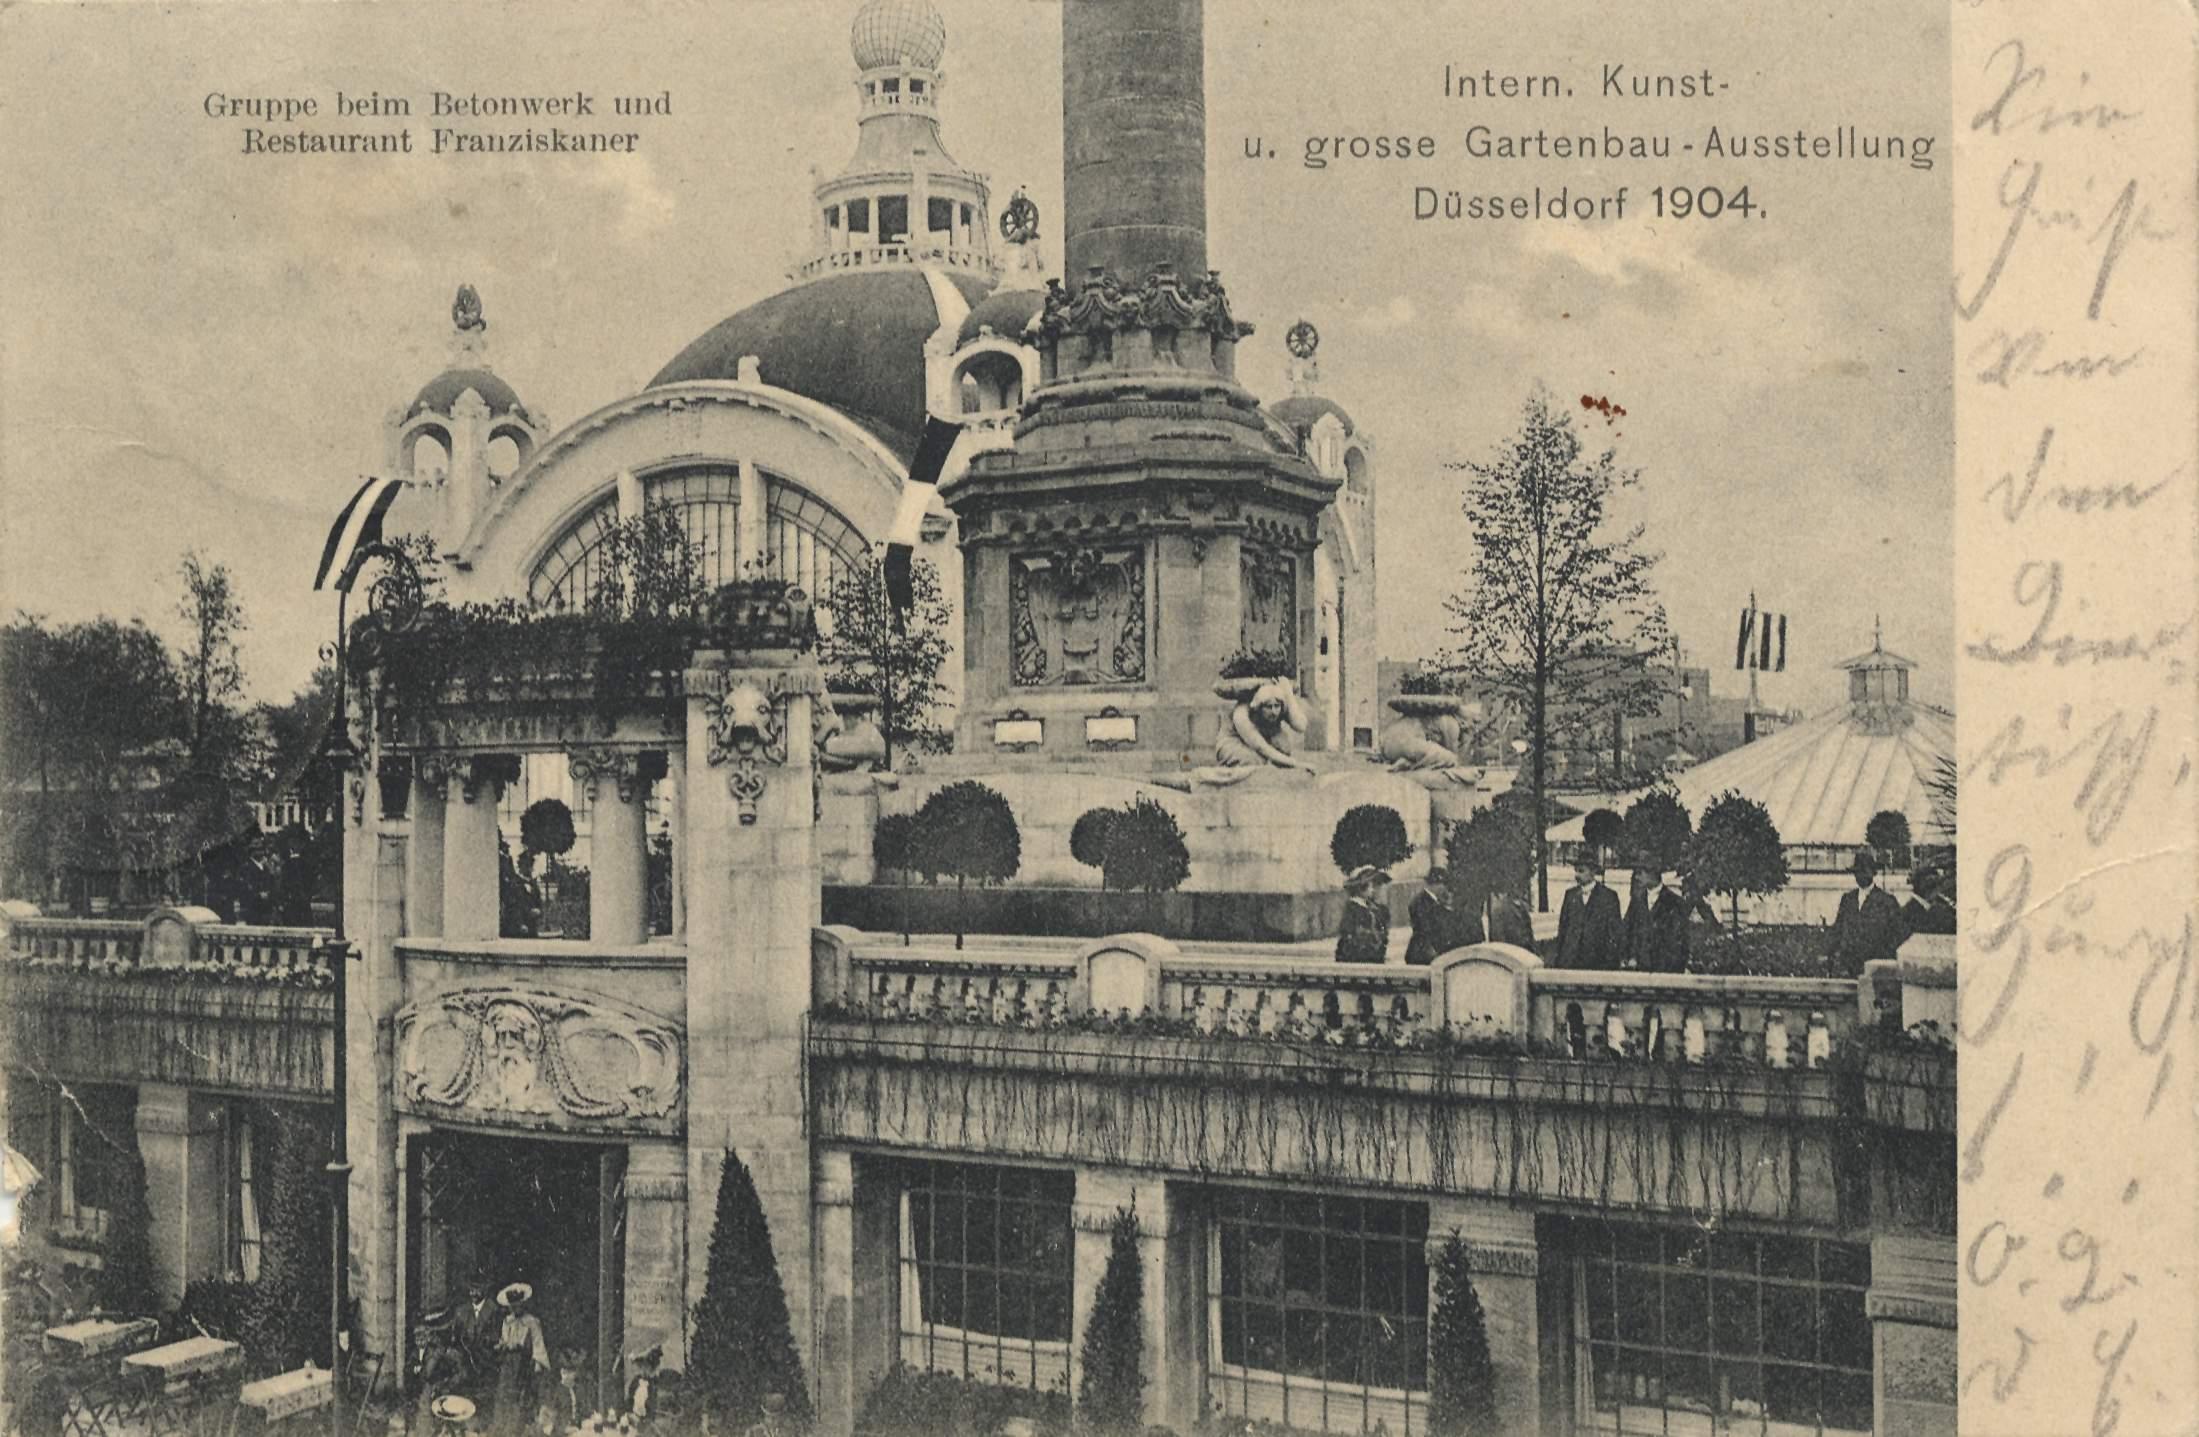 Gartenbau Düsseldorf file düsseldorf nordrhein westfalen internationale kunst und